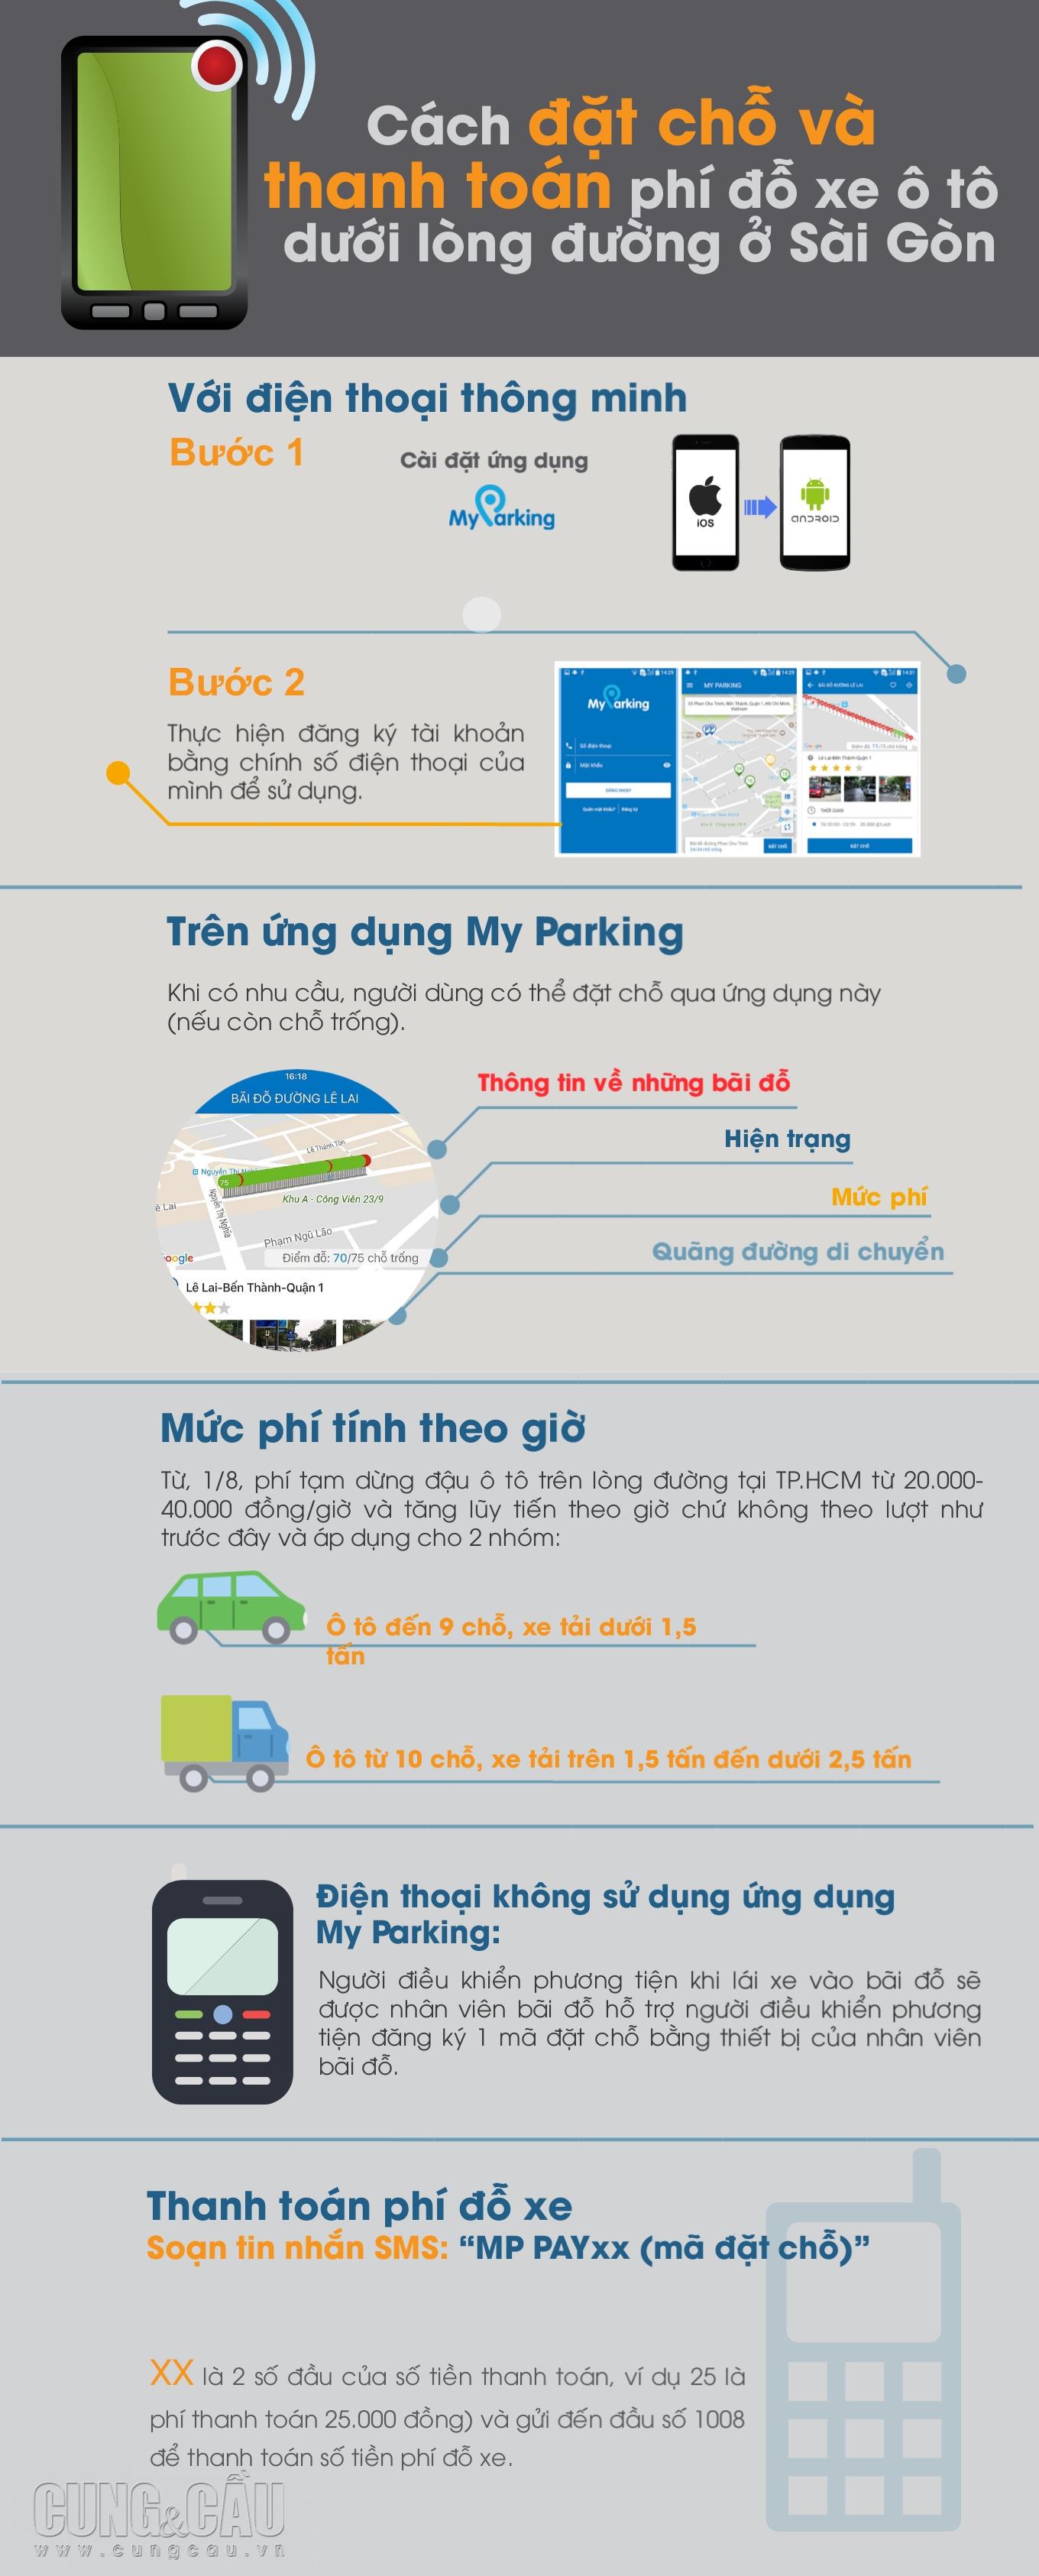 Cách đặt chỗ và thanh toán phí đỗ xe ô tô dưới lòng đường ở Sài Gòn